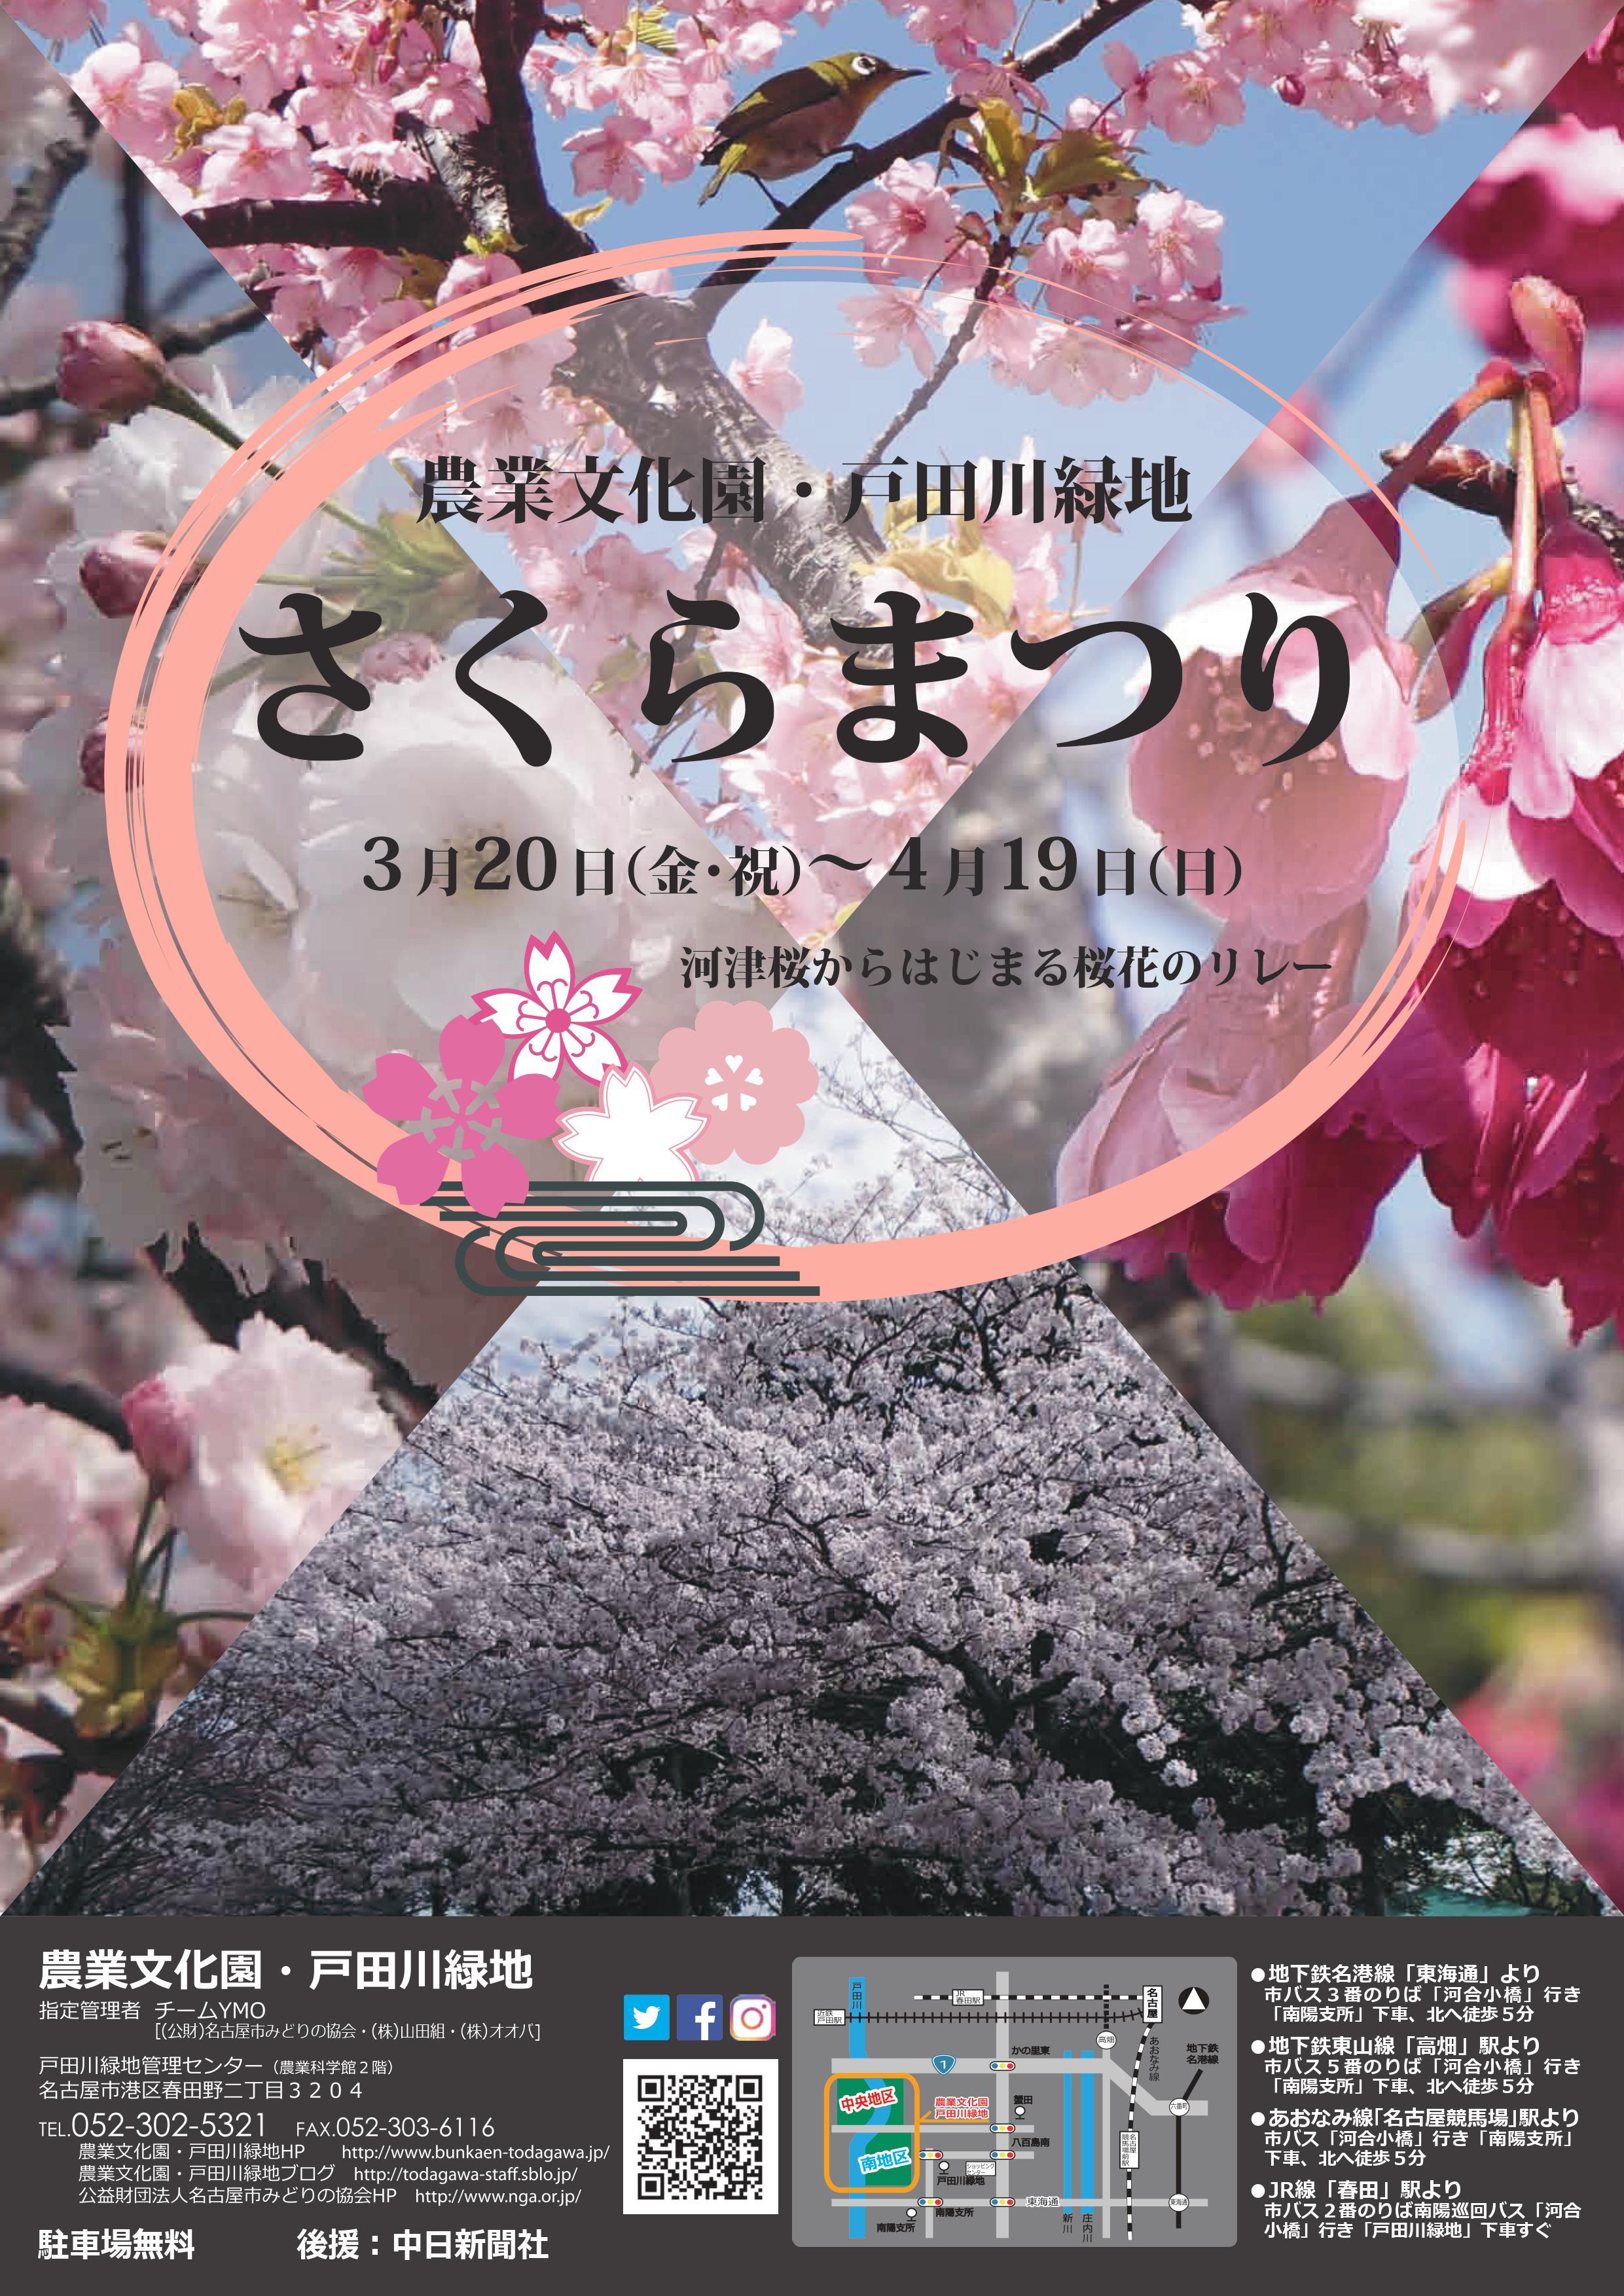 3/20~農業文化園・戸田川緑地  さくらまつり